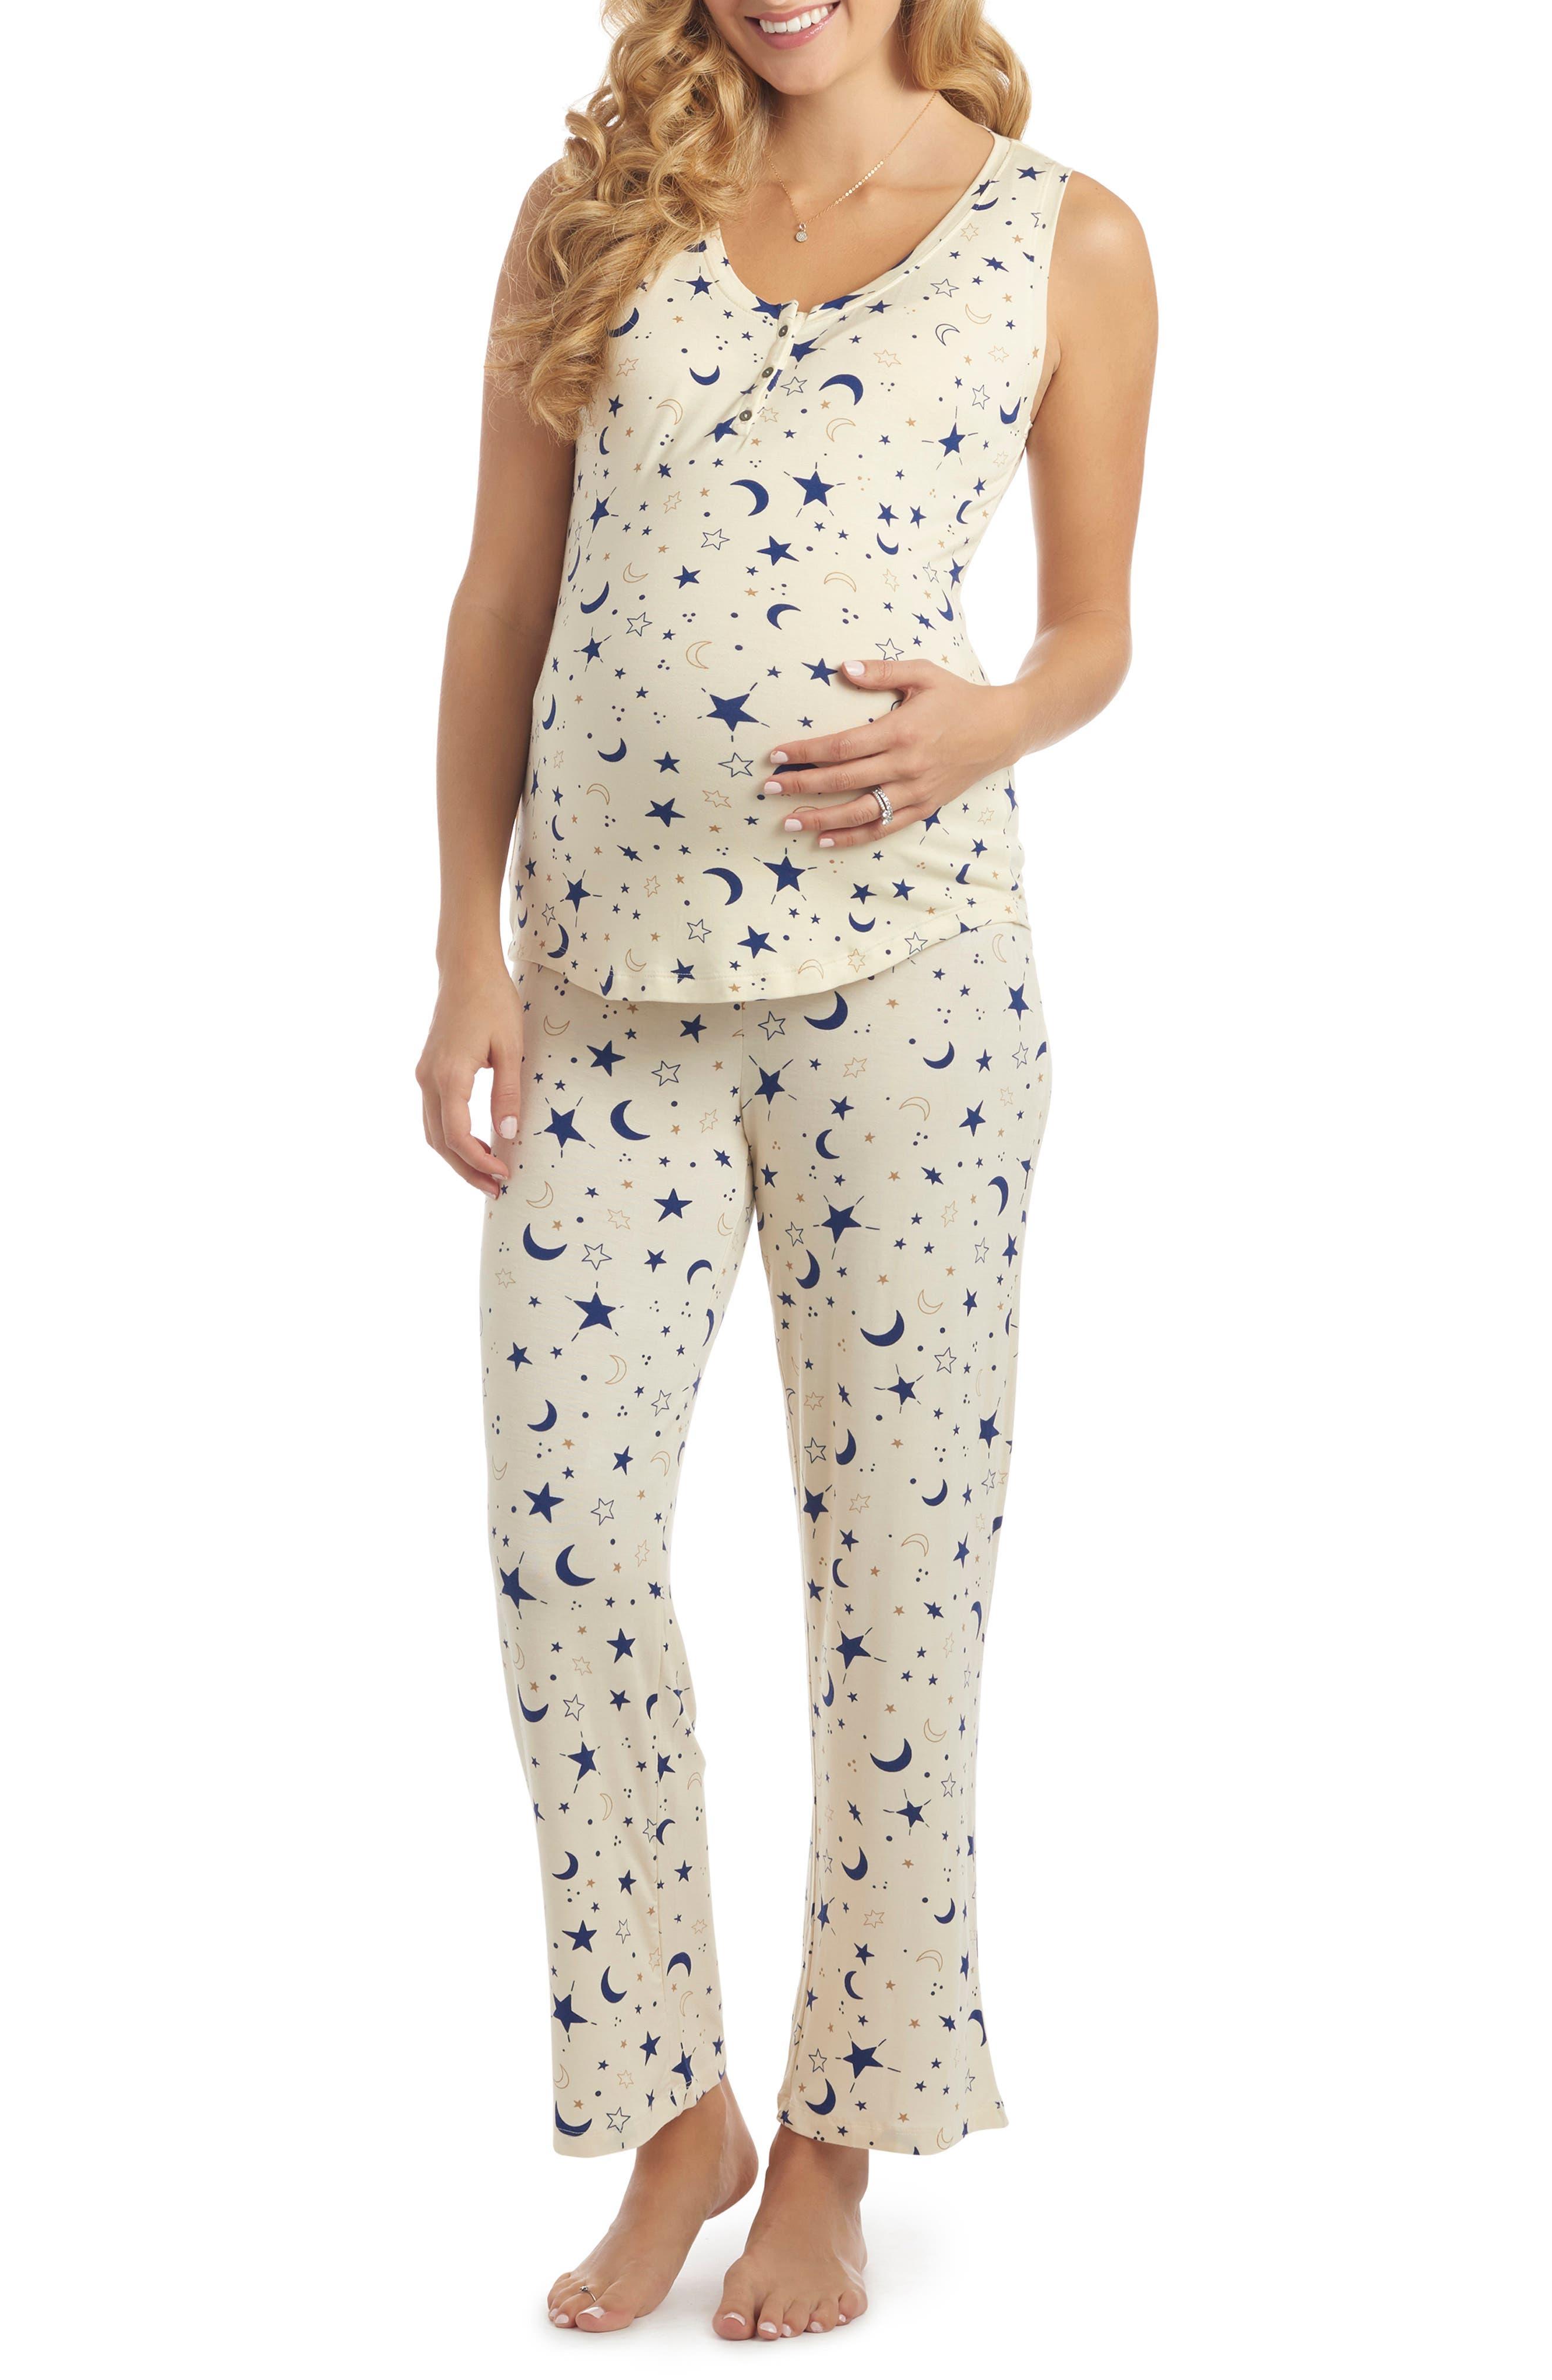 Joy Tank & Pants Maternity/nursing Pajamas